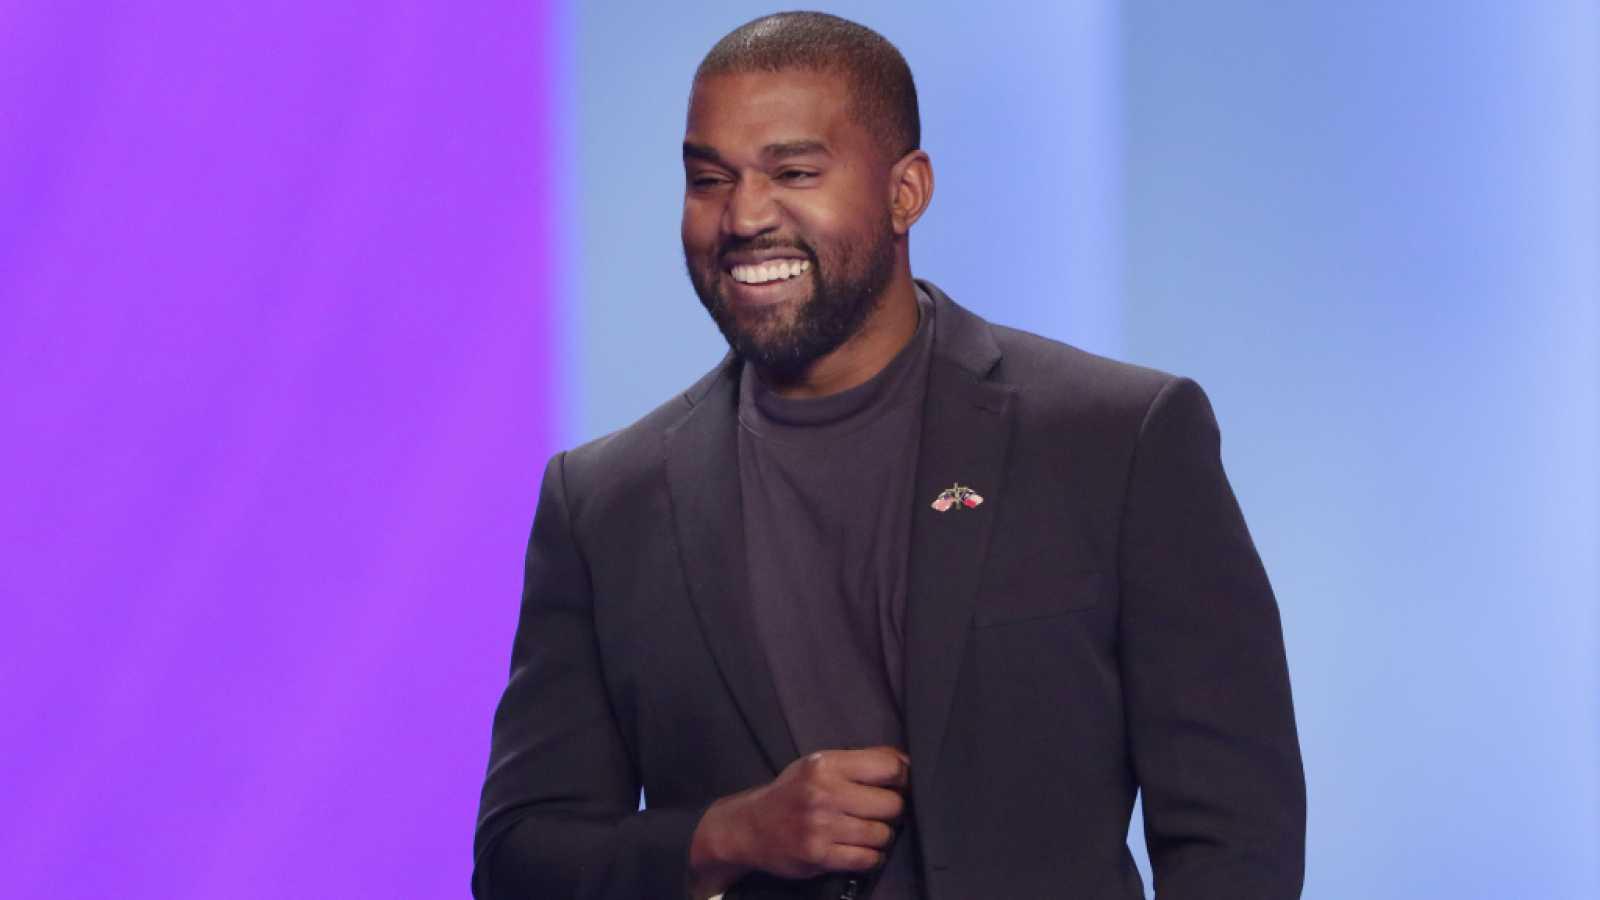 ¿Nos ha trolleado Kanye West con su candidatura a la presidencia de EEUU?